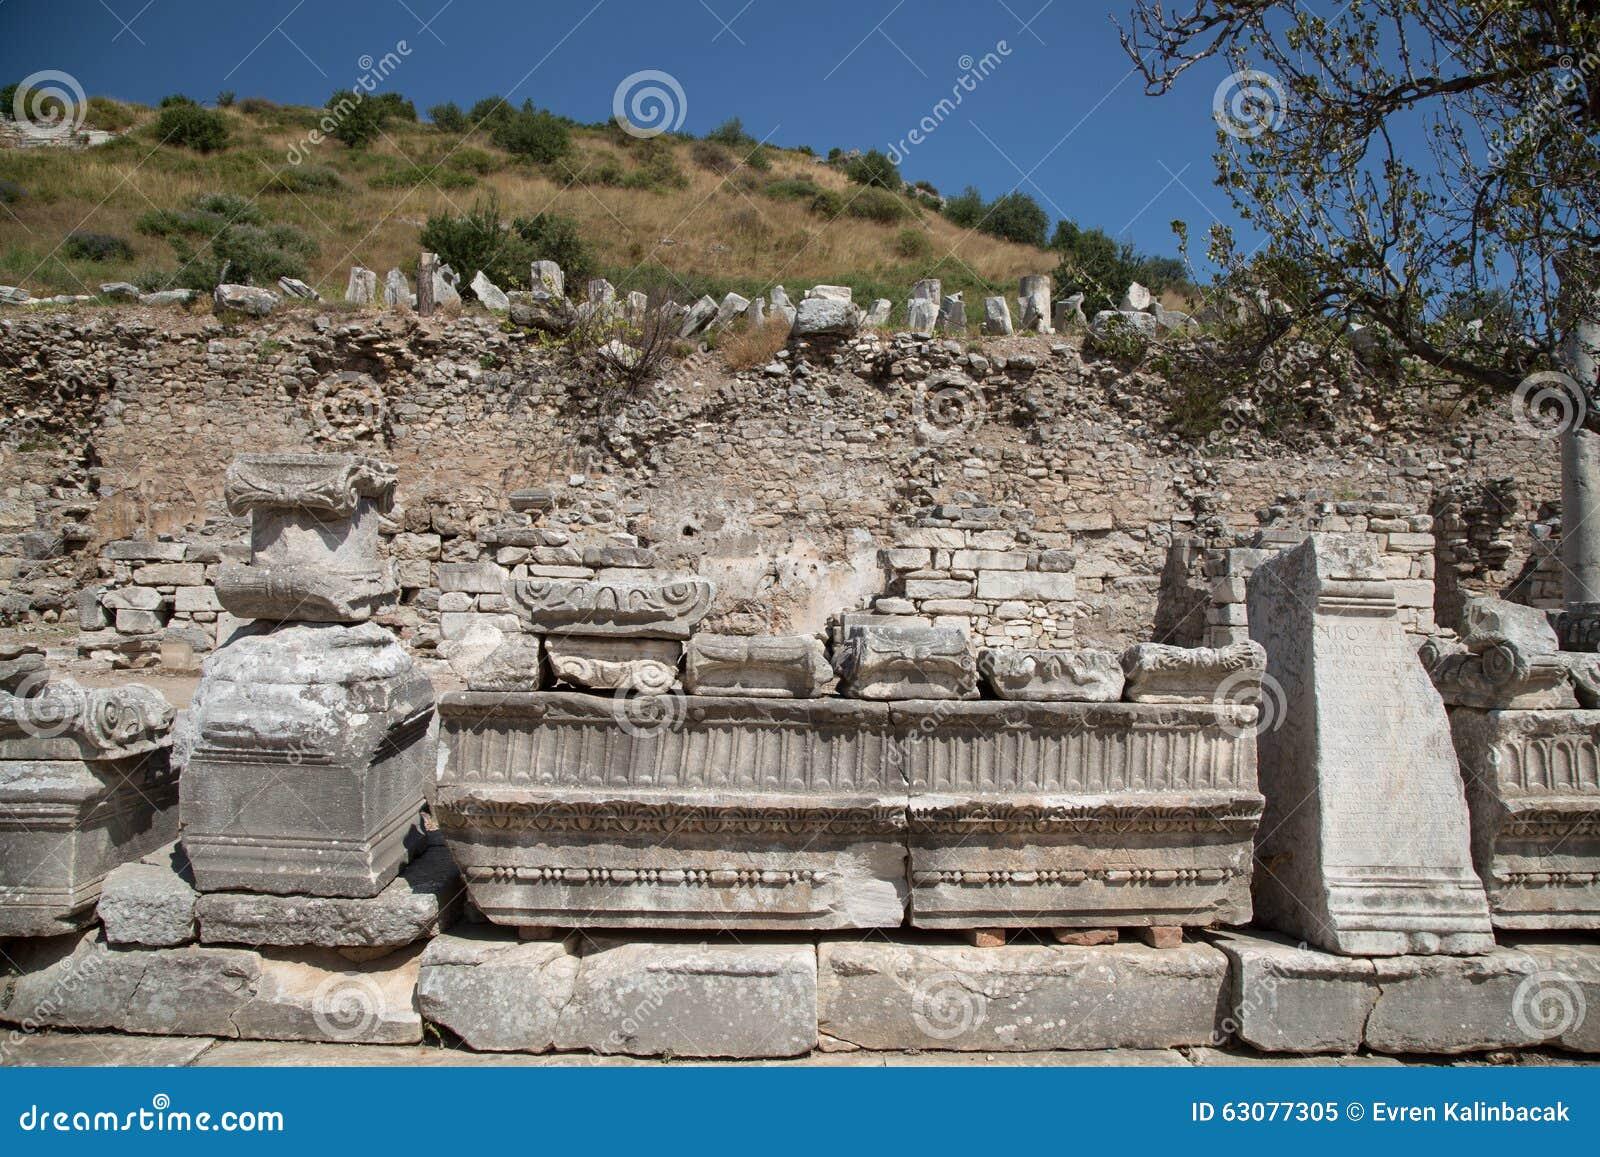 Download Ephesus antique de ville image stock. Image du archéologique - 63077305